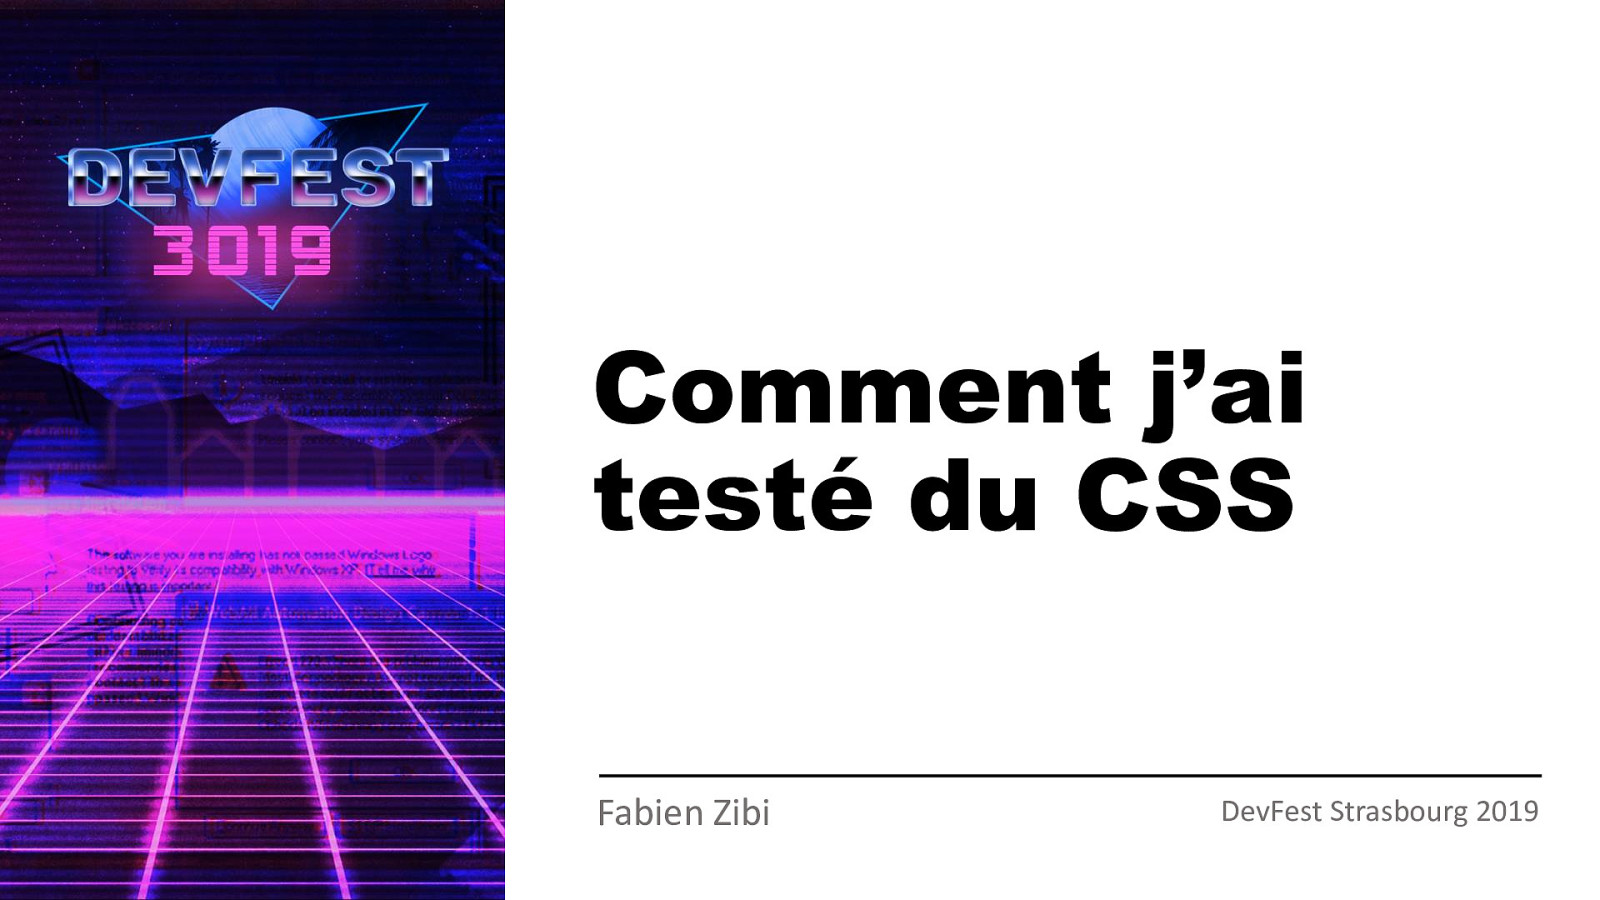 Comment j'ai testé du CSS